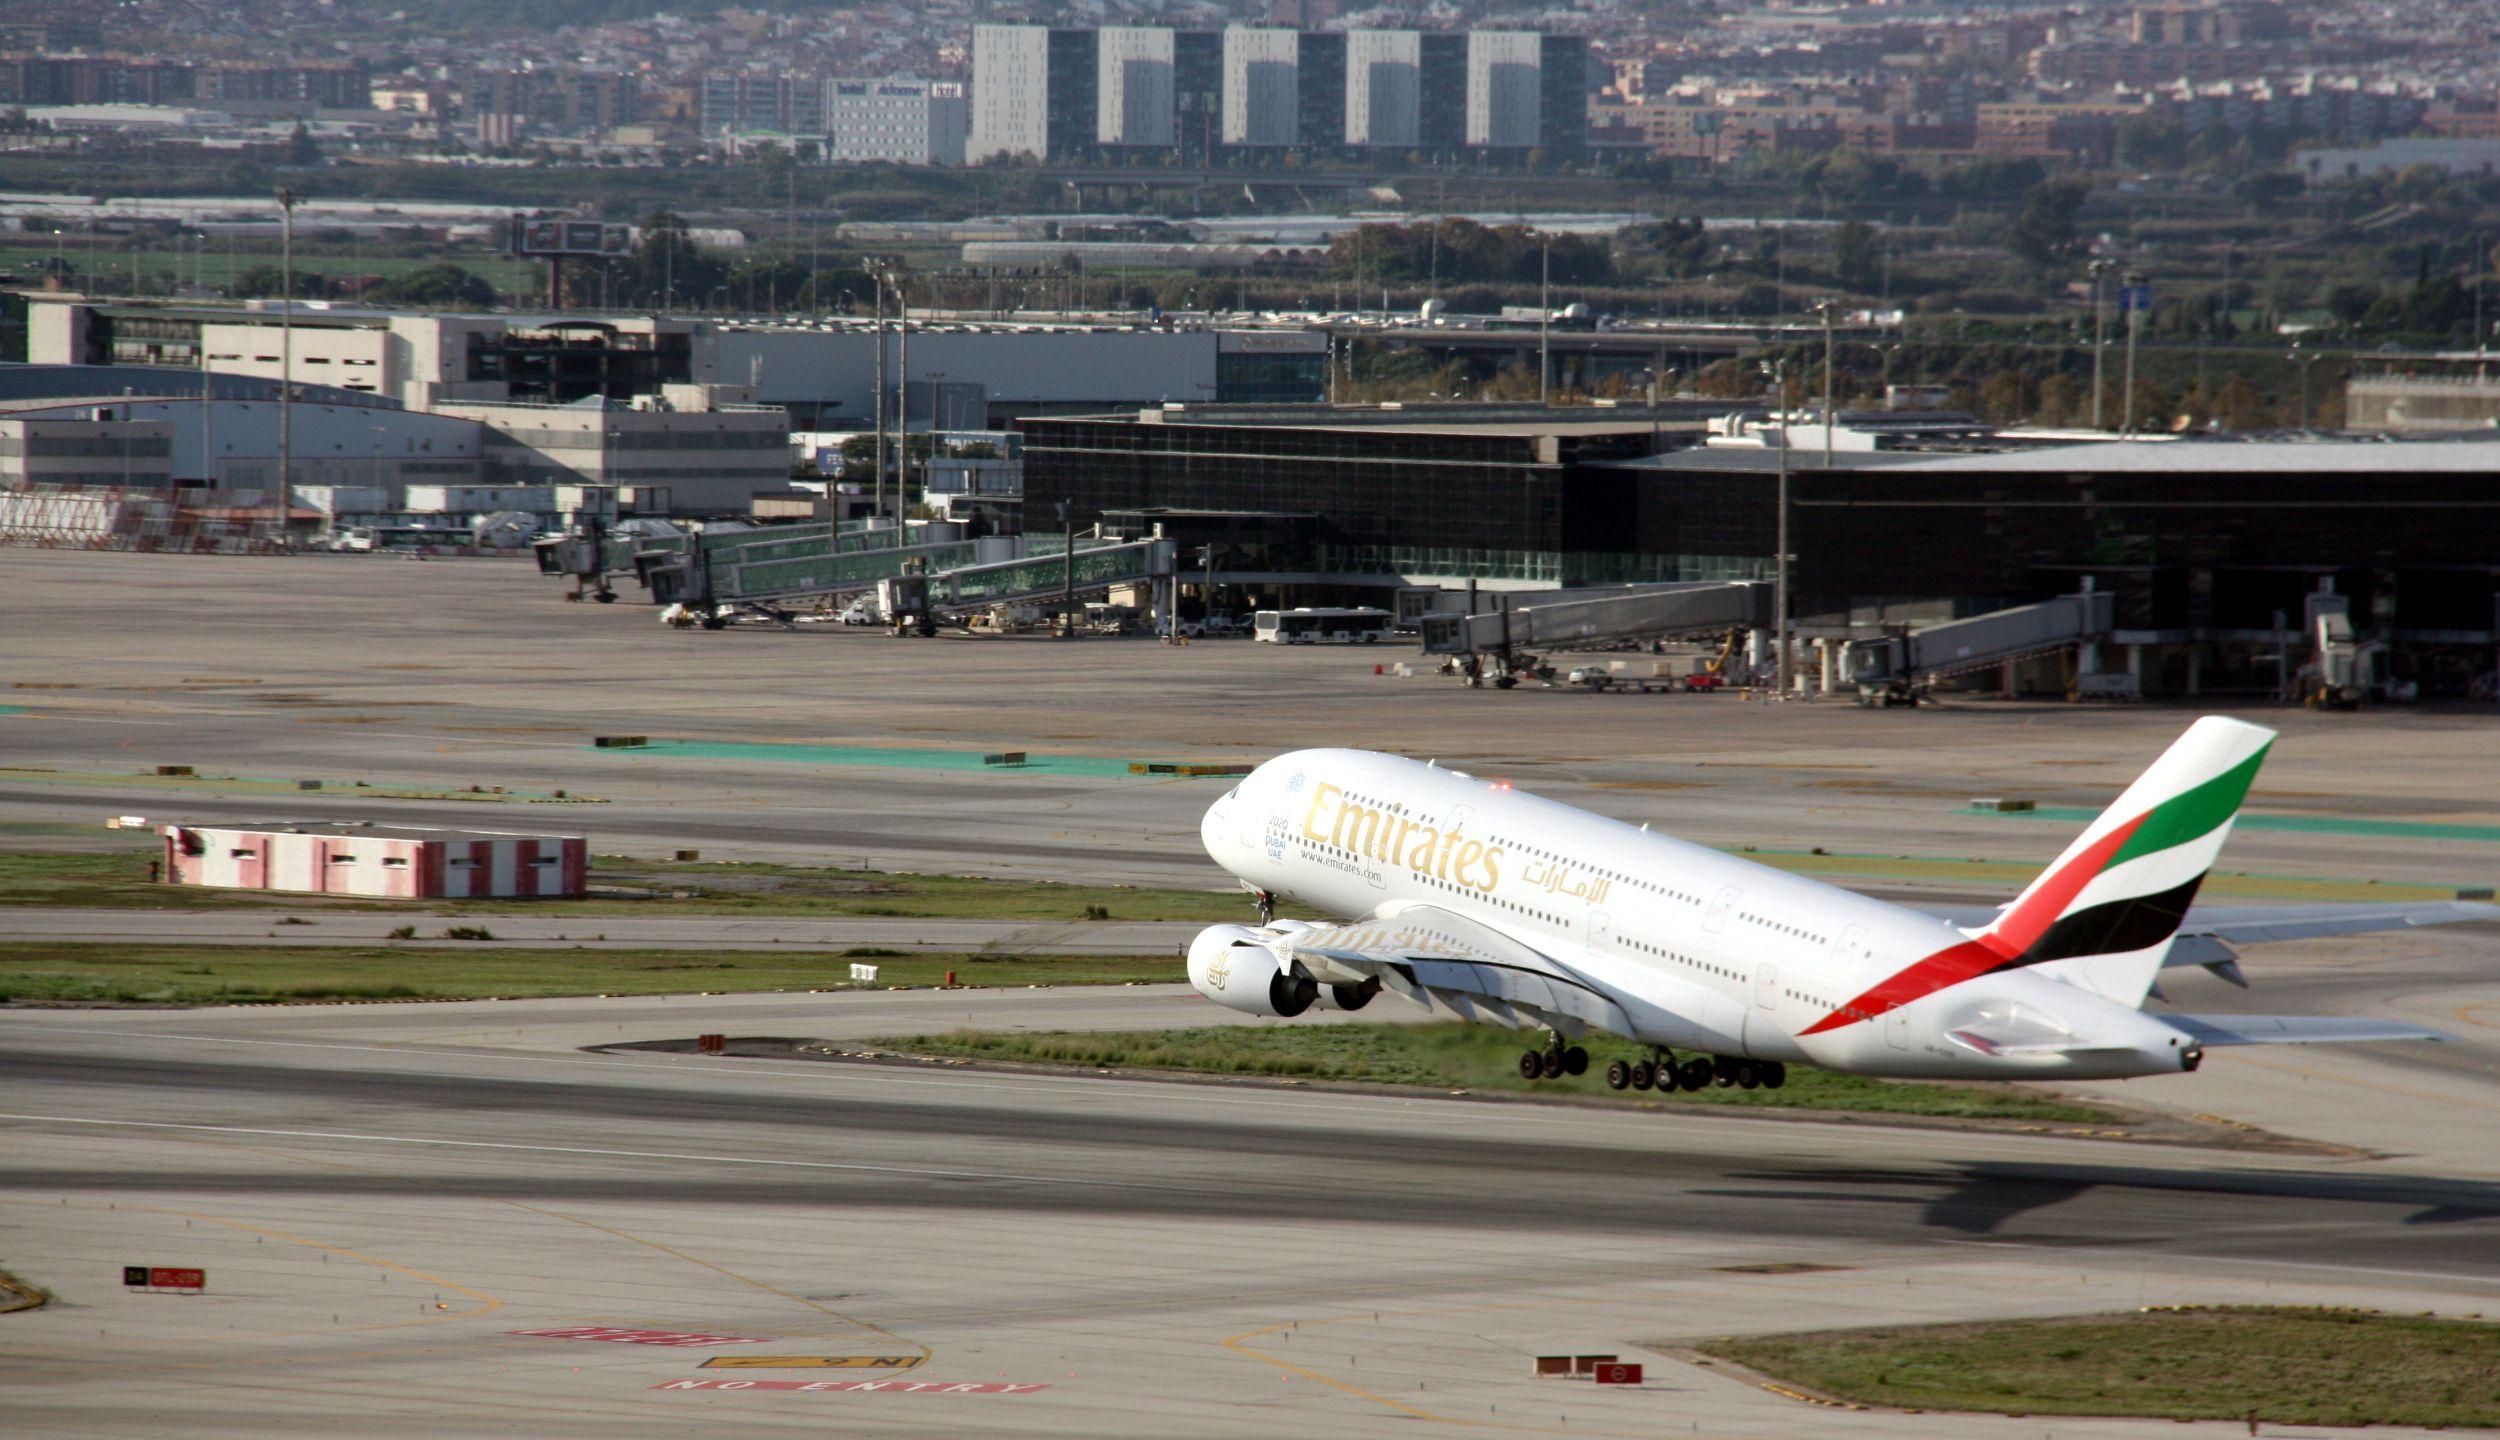 Aeroport Del Prat Ampliacio Posicio Ccoo